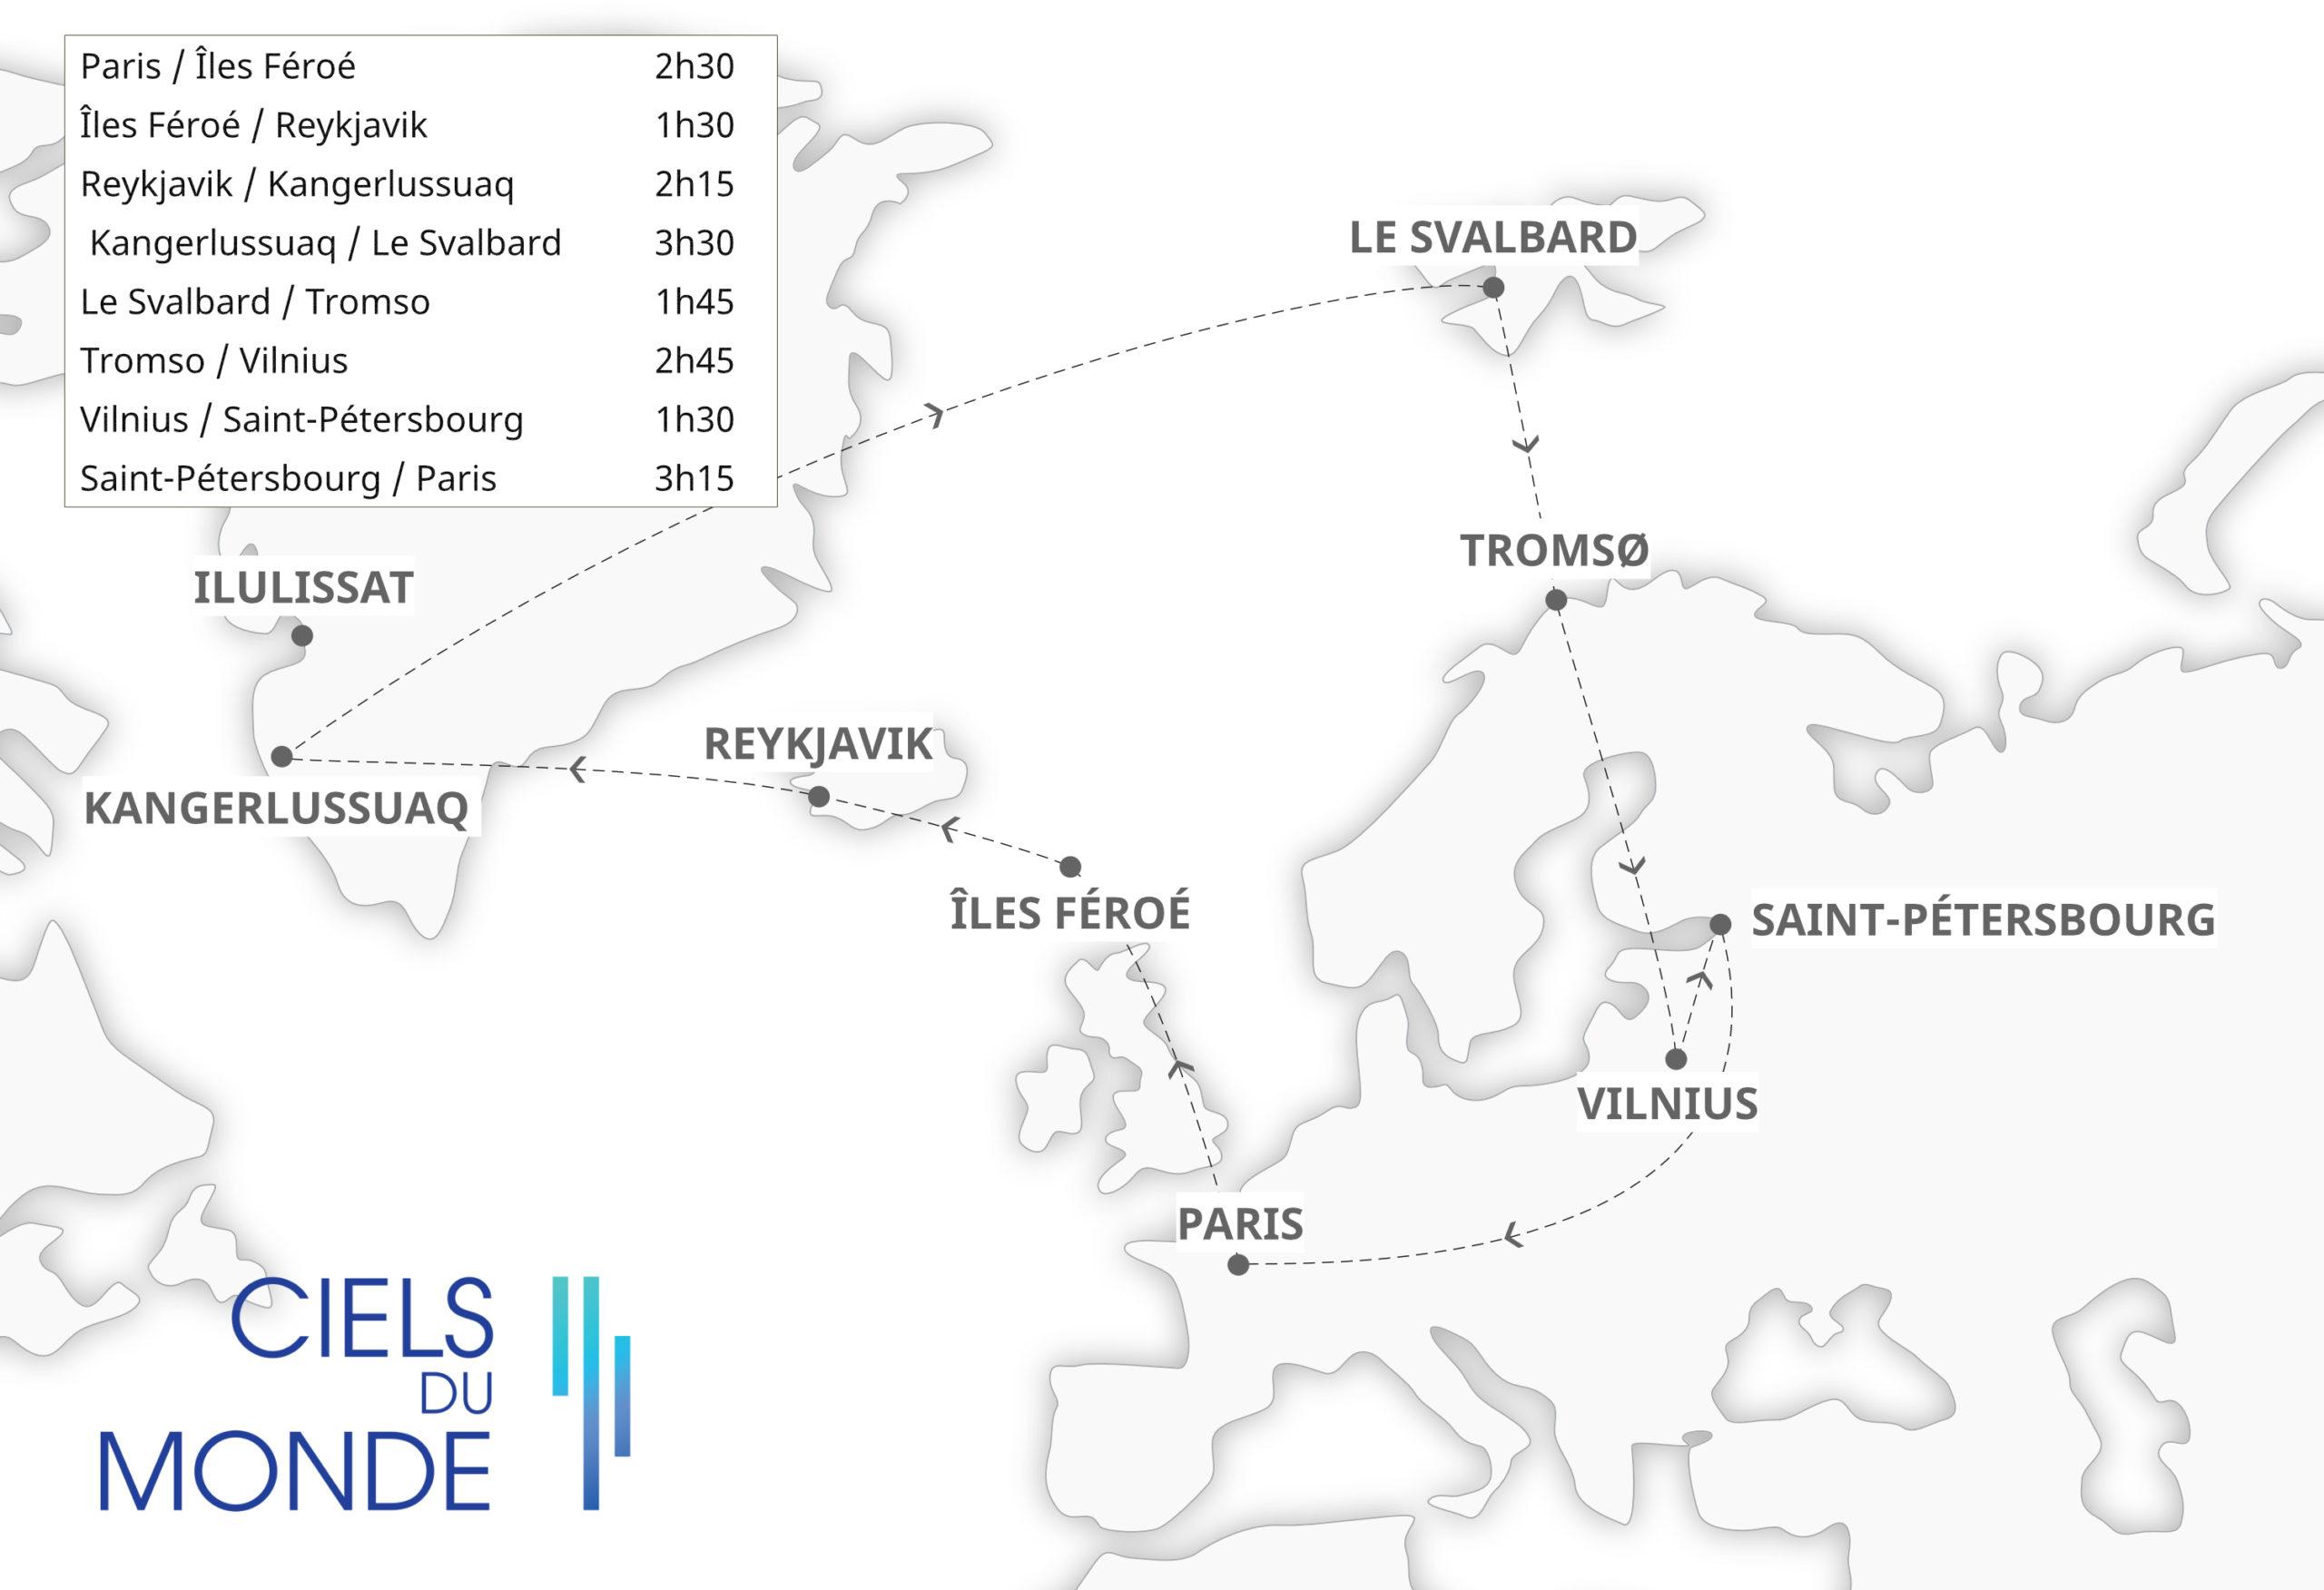 Odyssée Européenne - Nuits blanches et soleils de minuit - Temps de vol